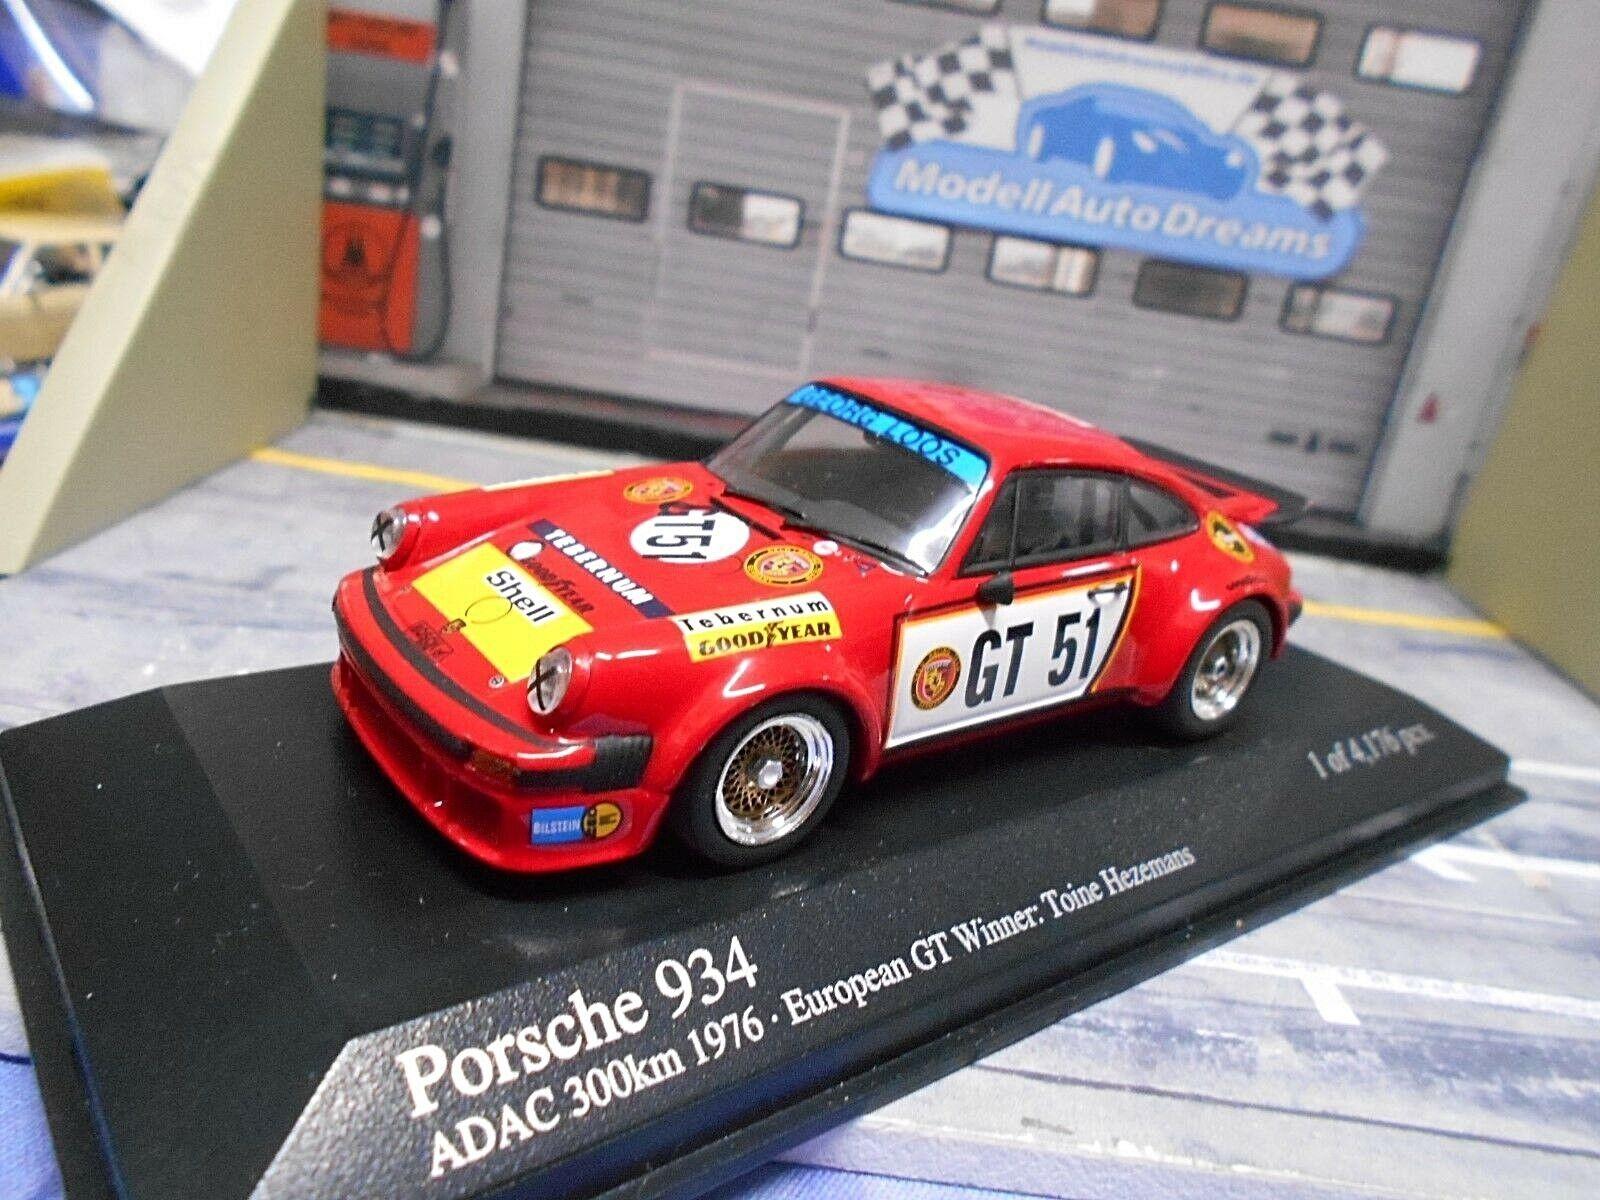 PORSCHE 911 934 1976 Nürburgring Hezemans Loos GT 51 Gelo DRM Minichamps RA 1 43